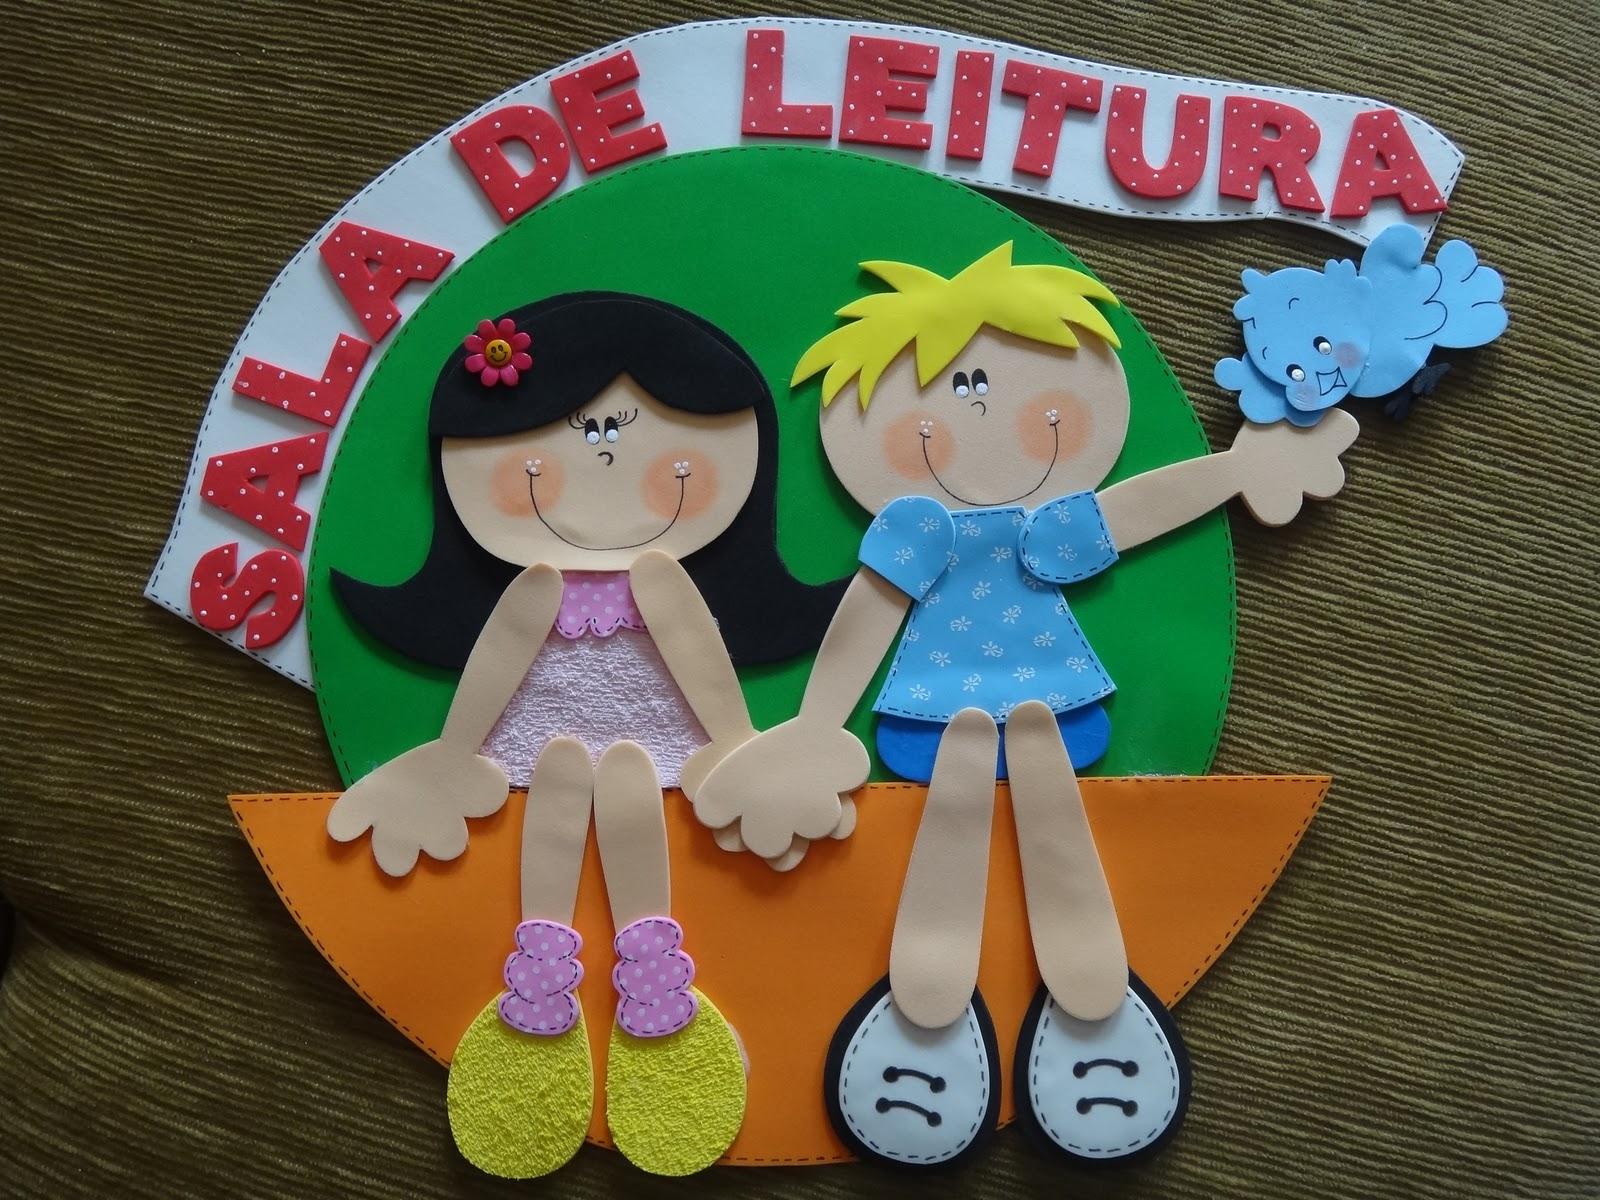 decoracao sala de leitura na escola:Carine'arte com amor: Decoração para sala de leitura